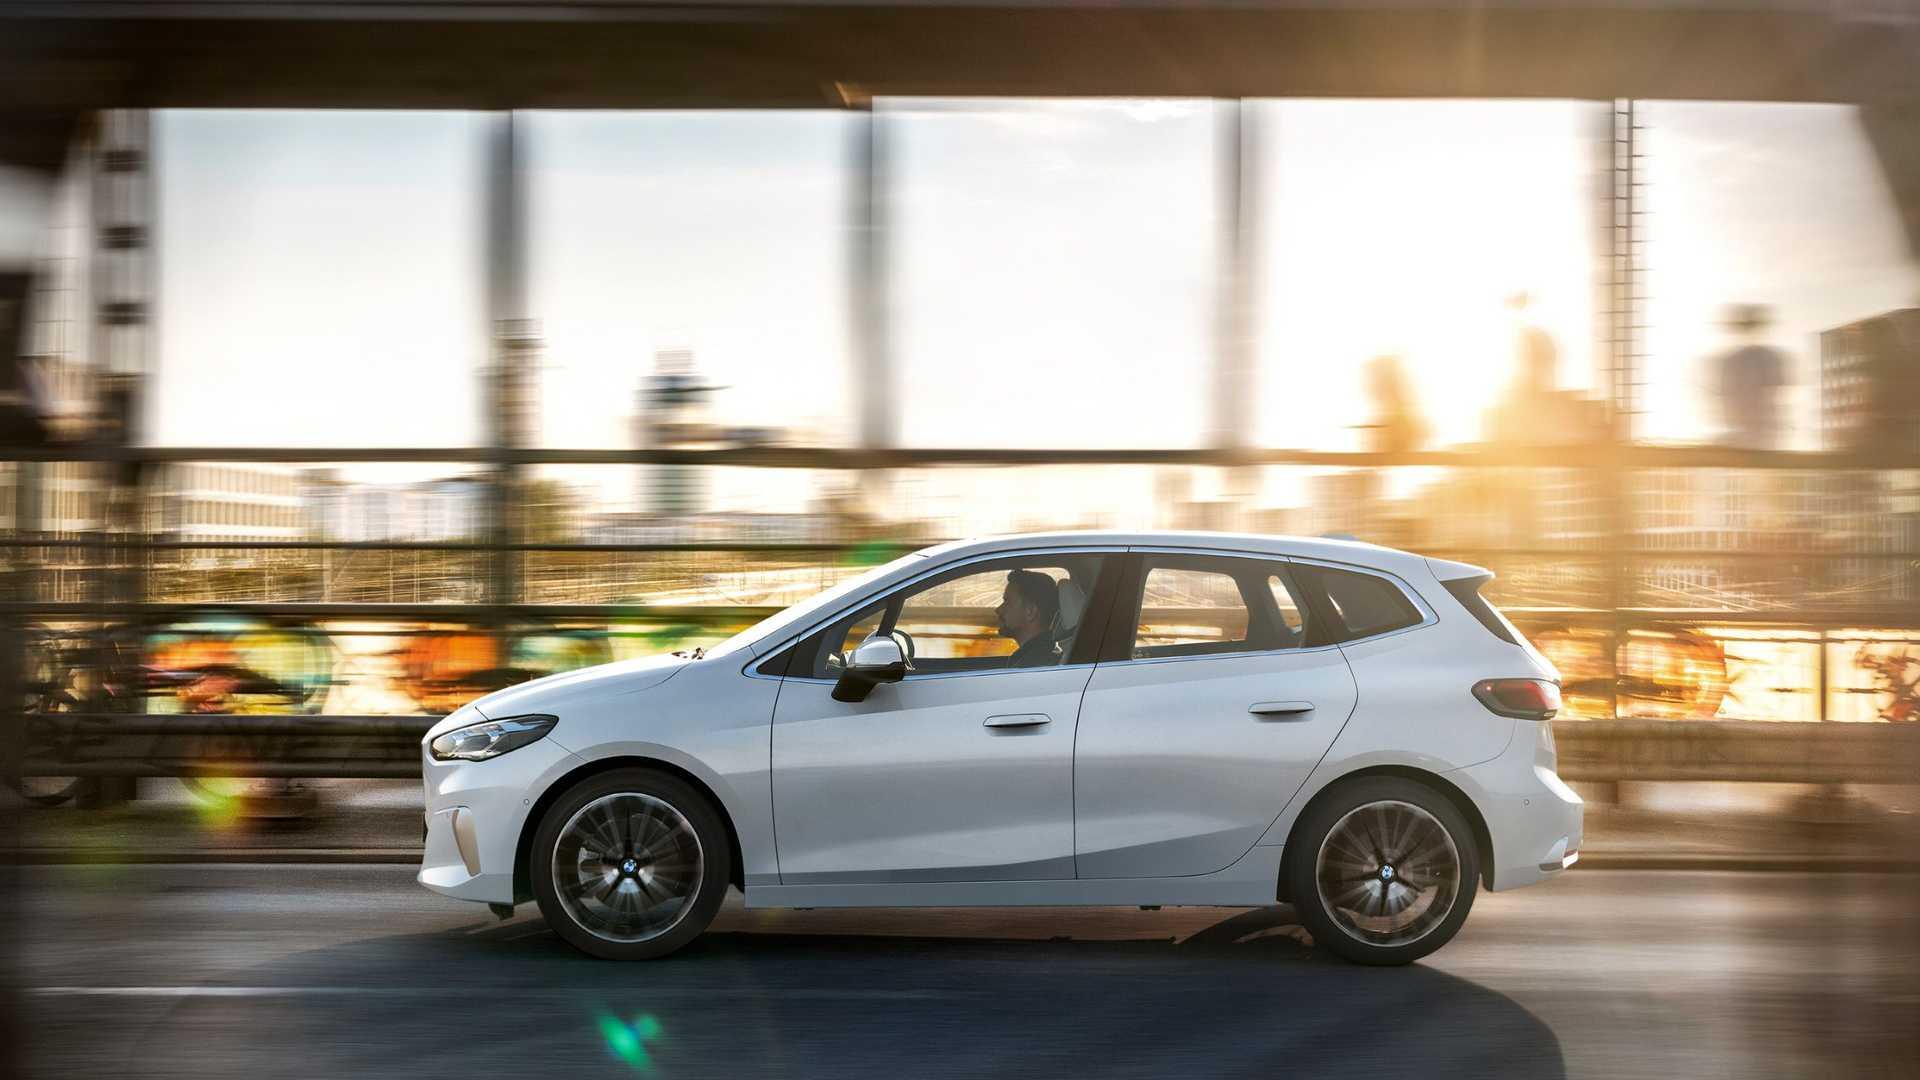 2-es szériás BMW Active Tourer oldalról, menet közben